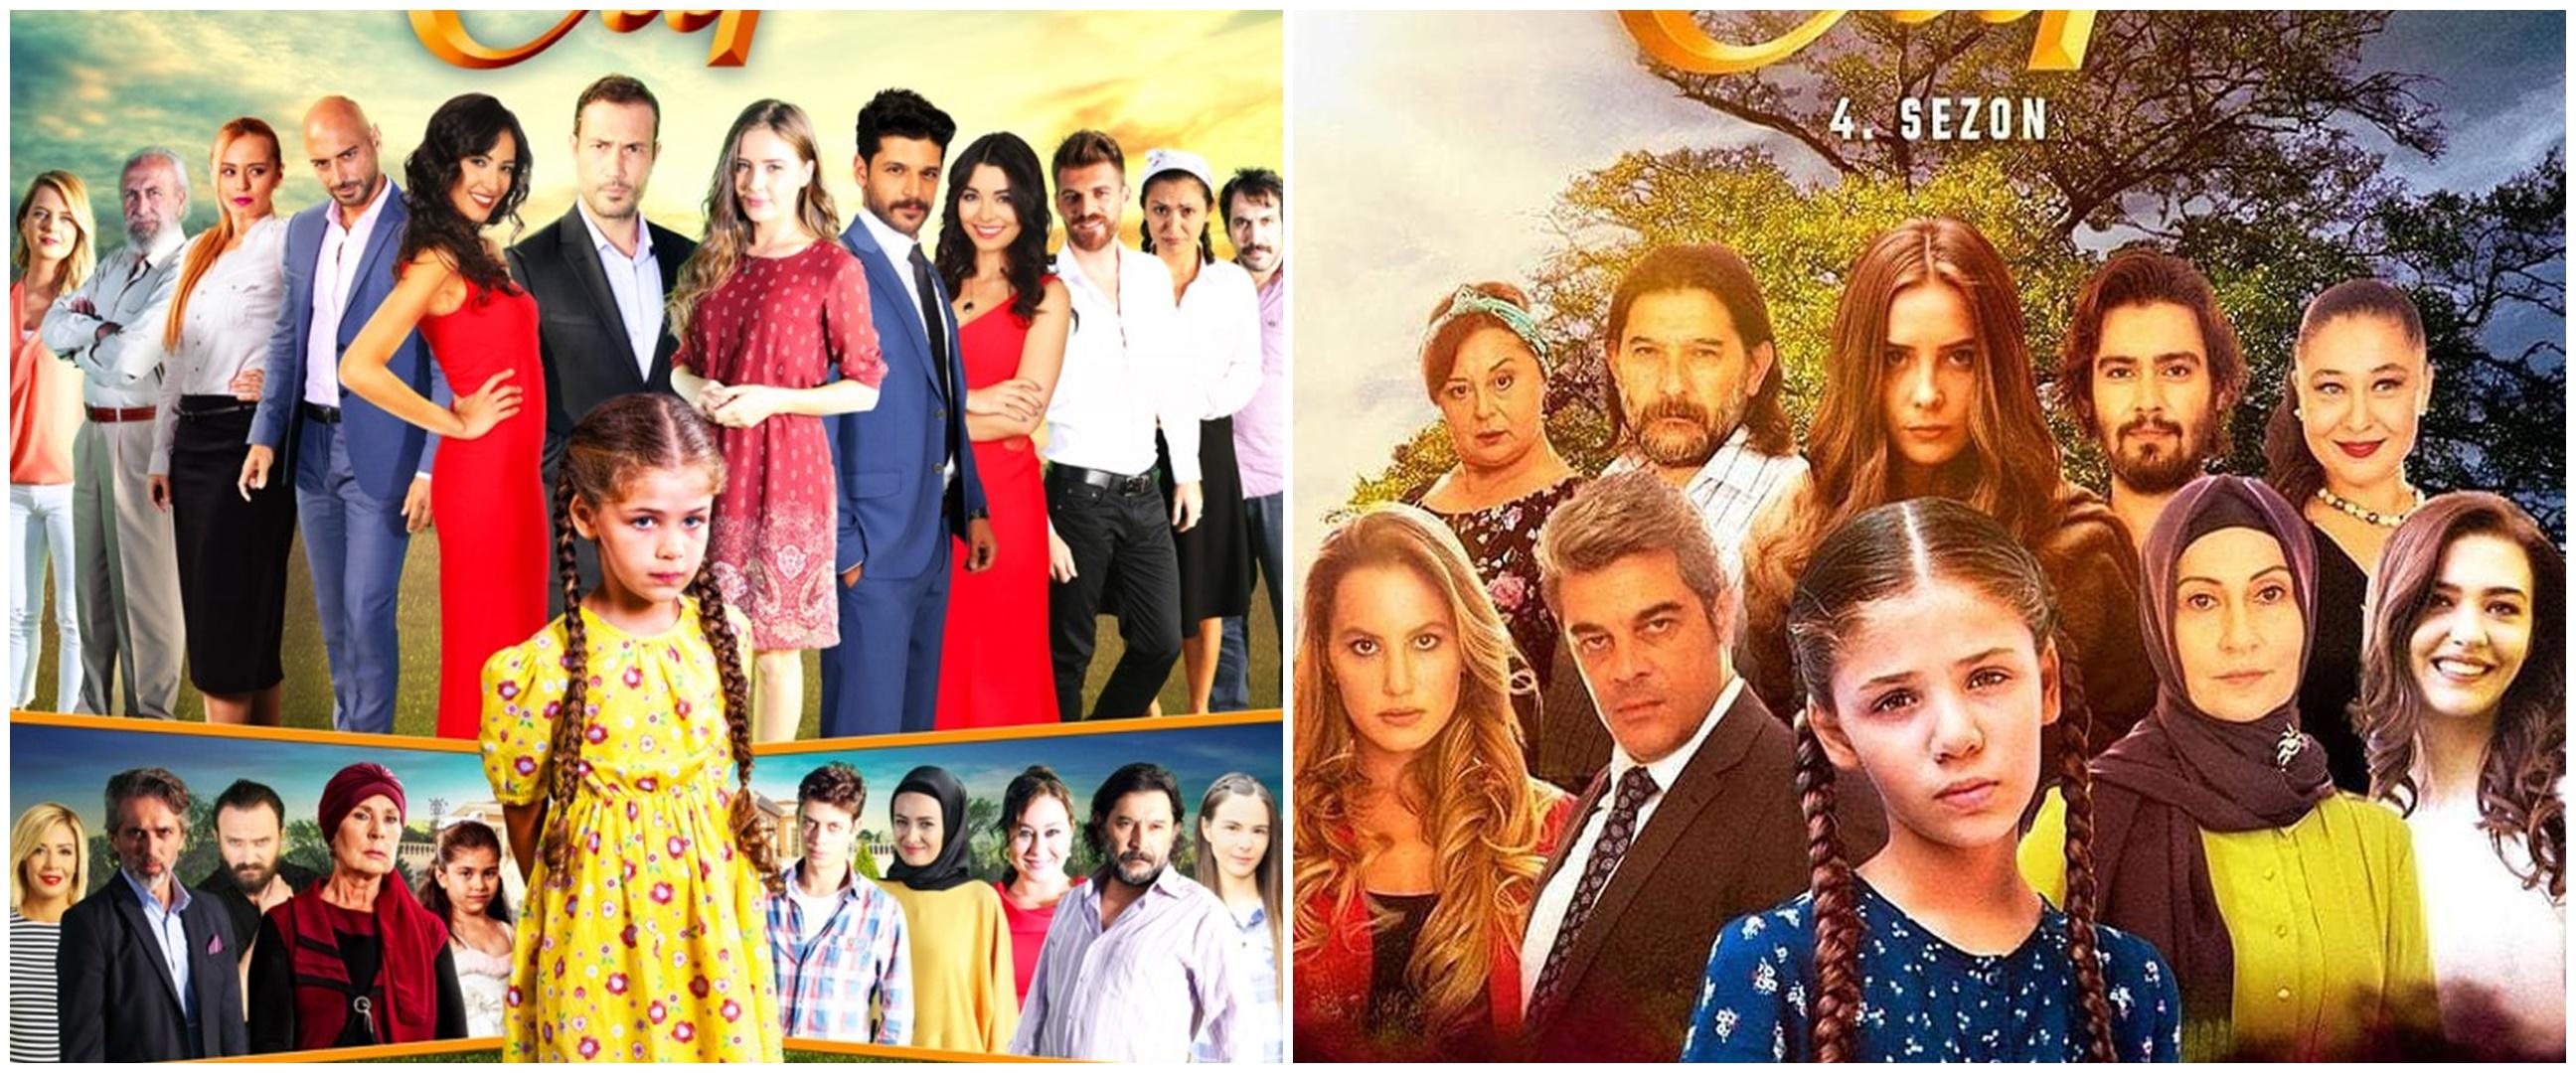 5 Tahun berlalu, begini kabar terbaru 6 pemain serial Turki Elif